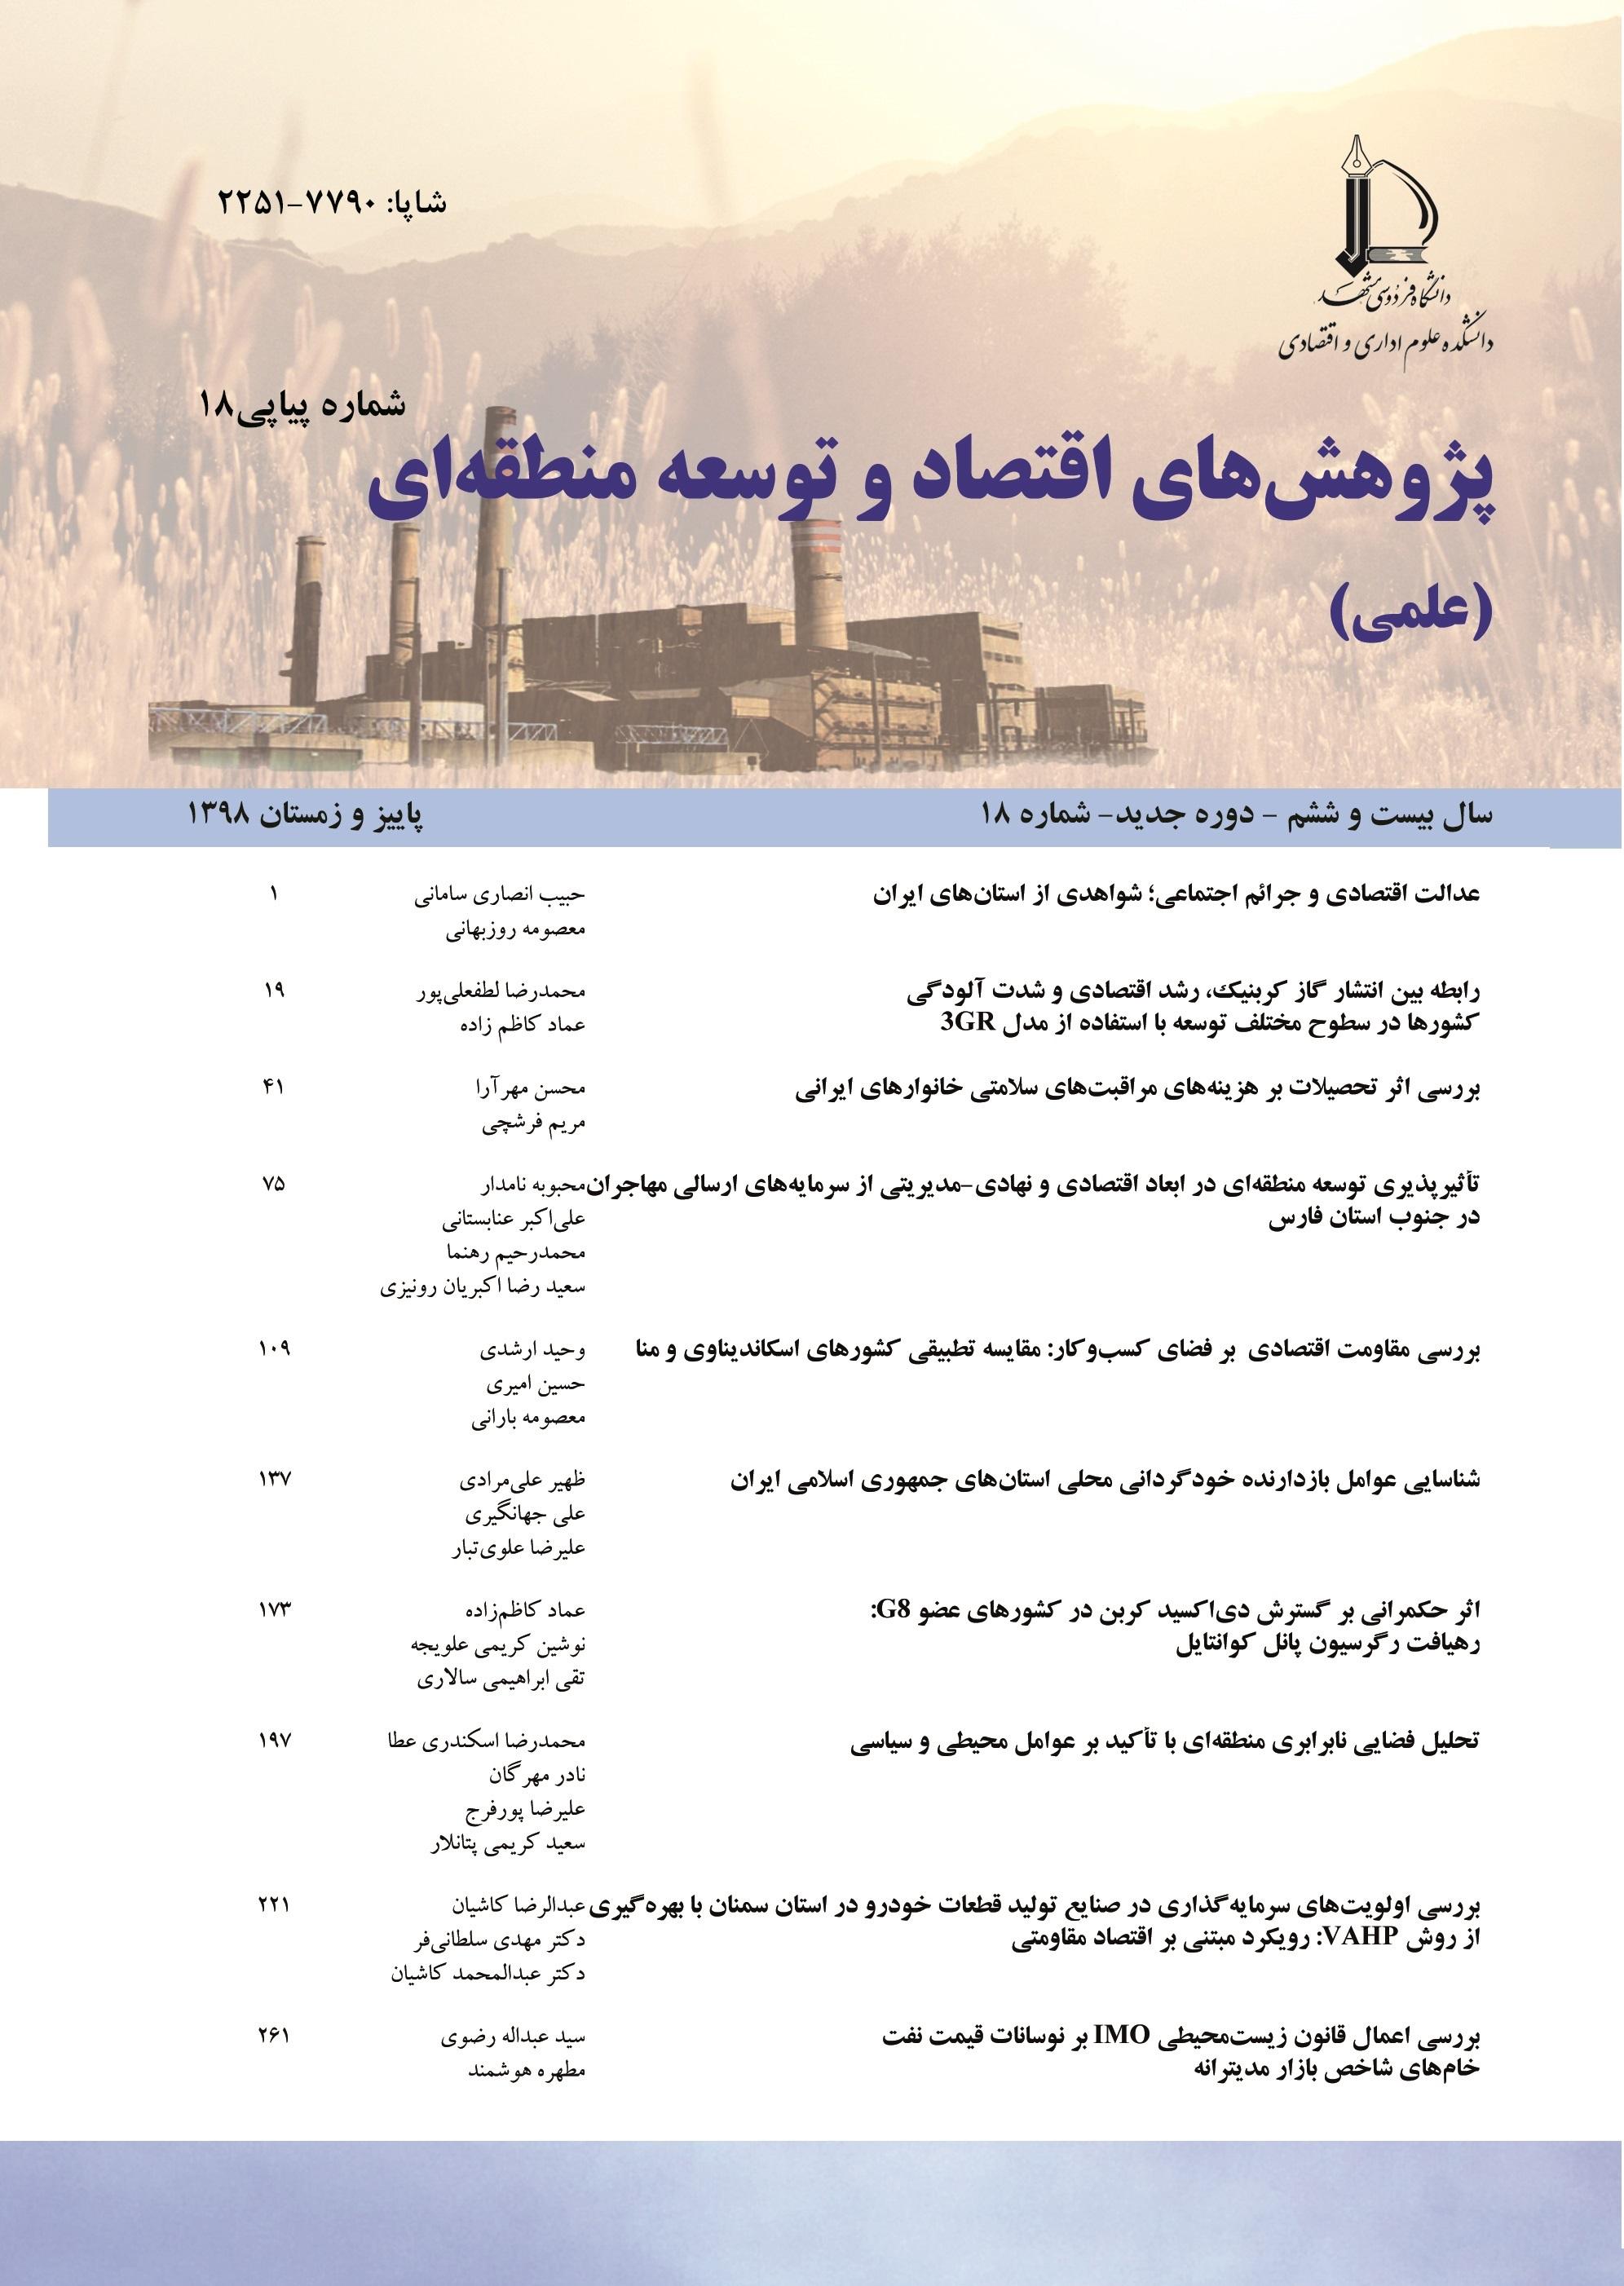 اقتصاد و توسعه منطقه ای